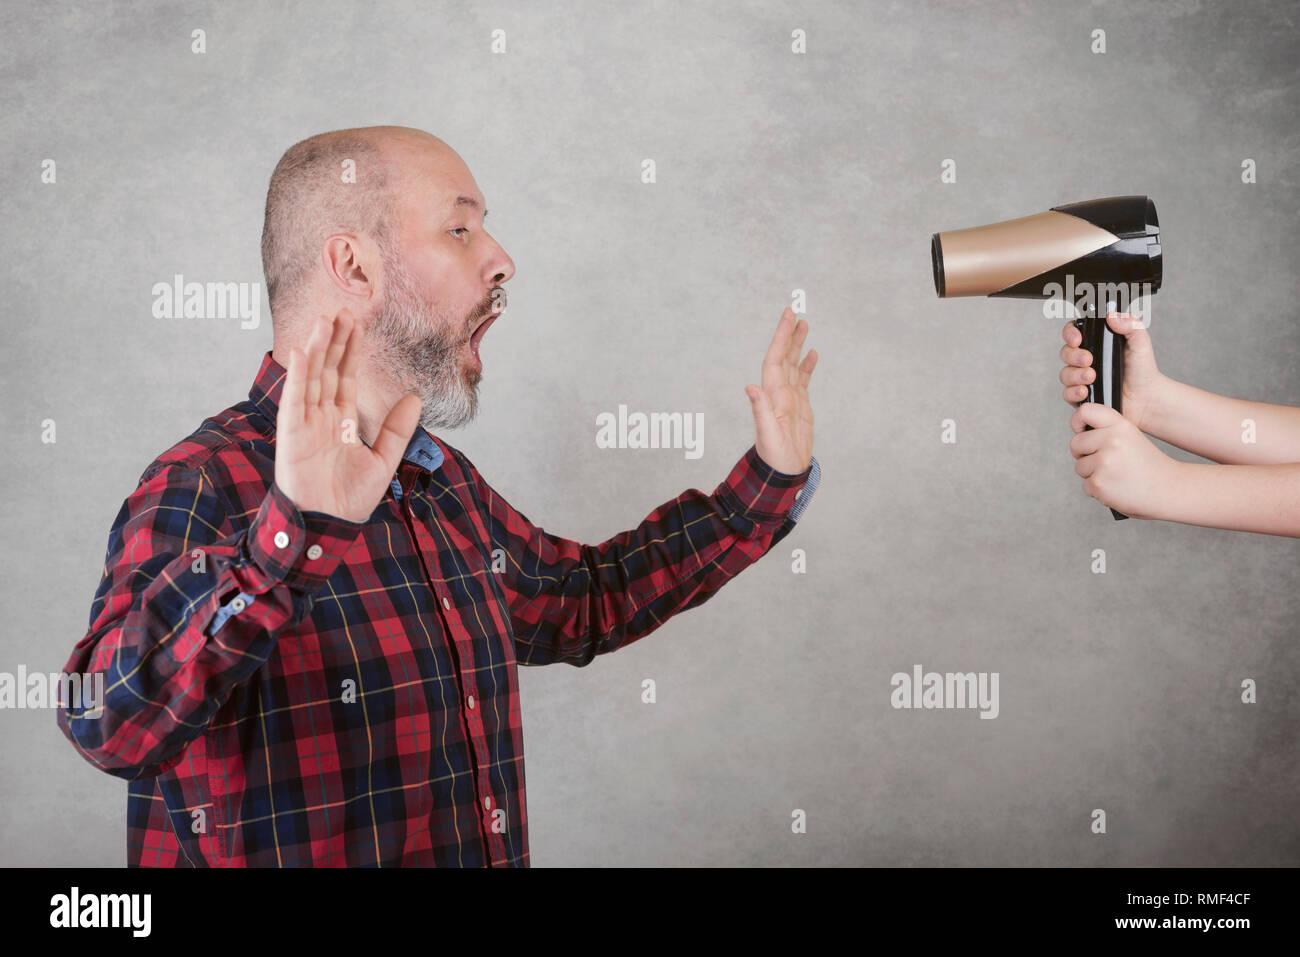 Sorpreso adulto uomo calvo accanto a un asciugacapelli contro uno sfondo grigio Immagini Stock